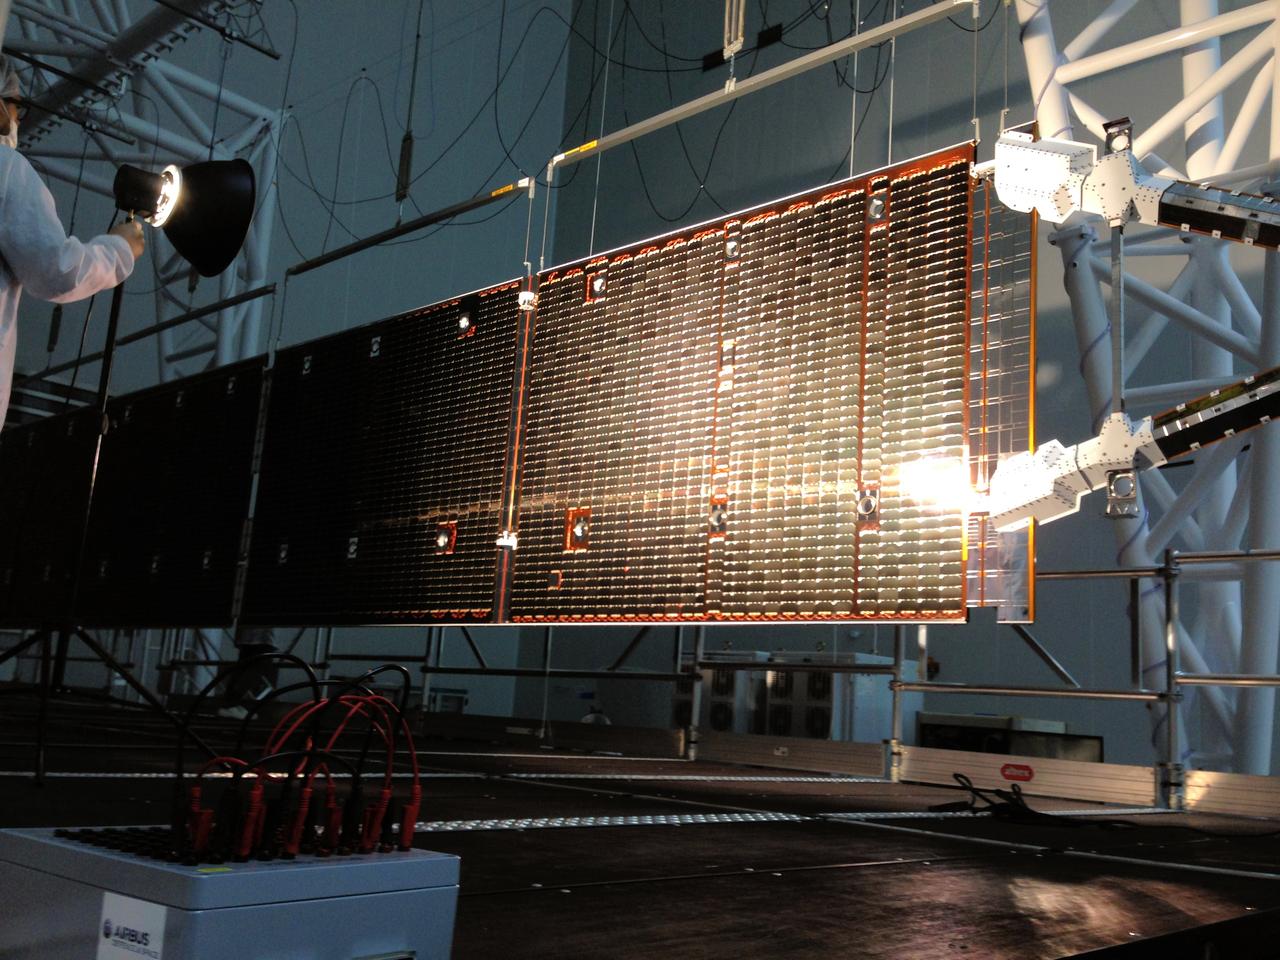 1567214299806-BepiColombo_Mercury_Transfer_Module_solar_wing_inspection_1280.jpg